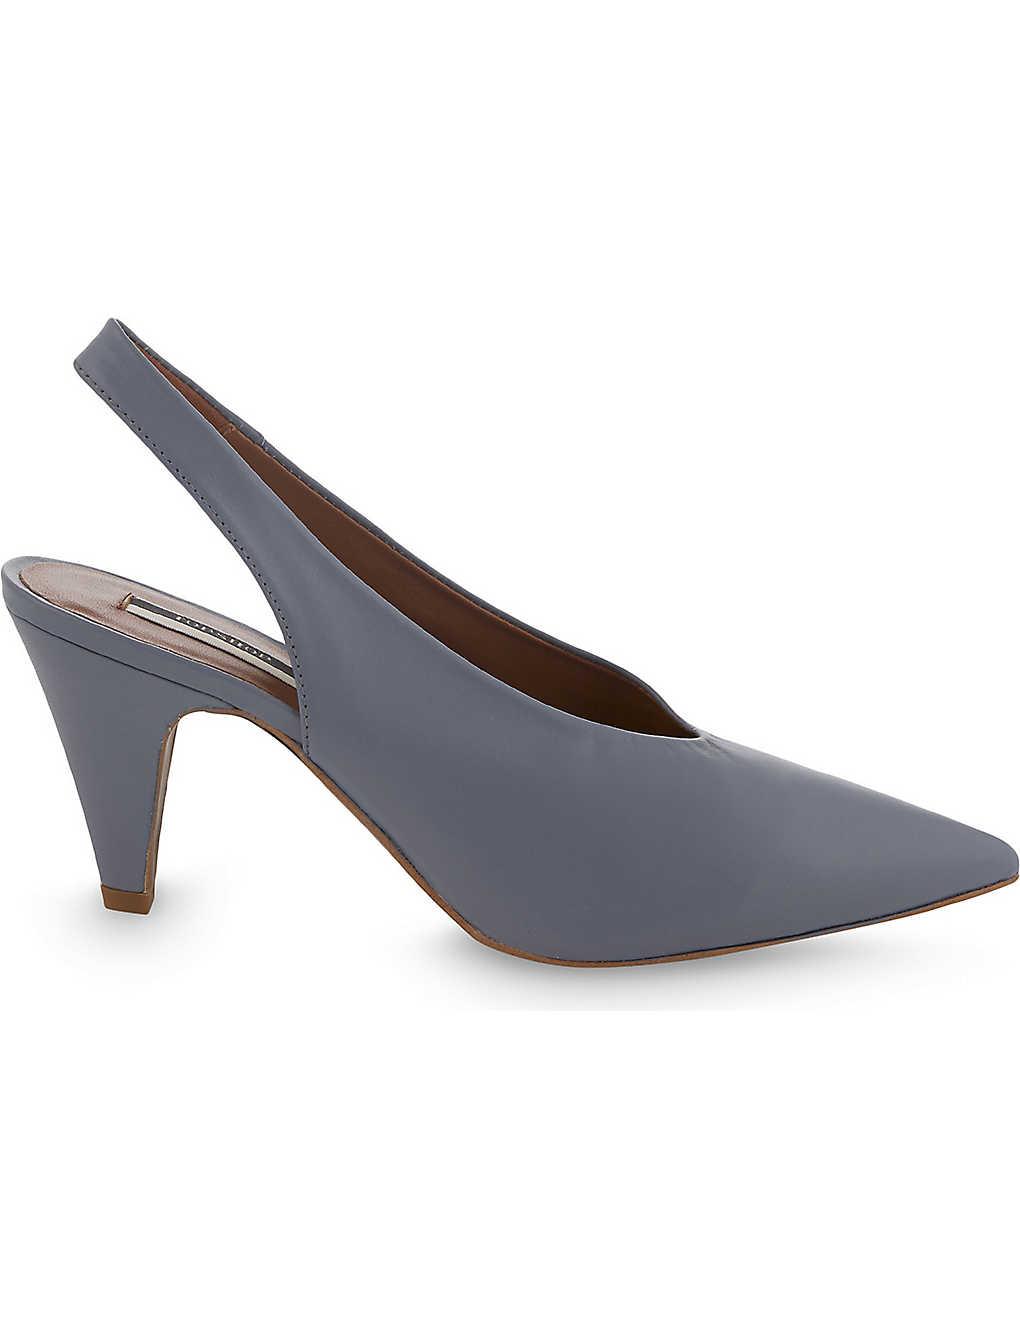 c45a3575e18 TOPSHOP - Jemma leather slingback courts